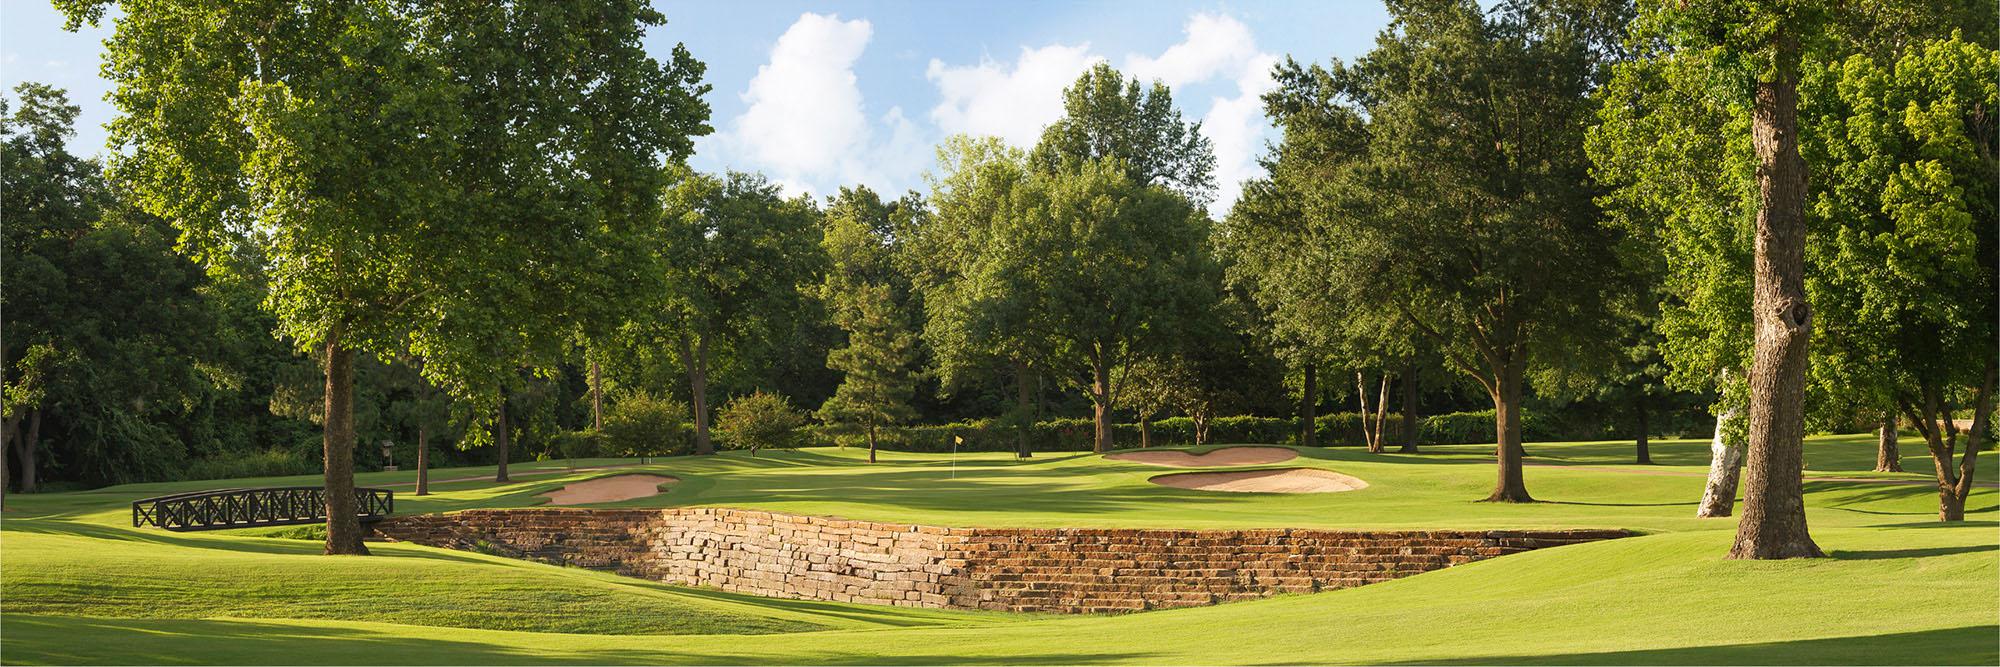 Golf Course Image - Cedar Ridge No. 2